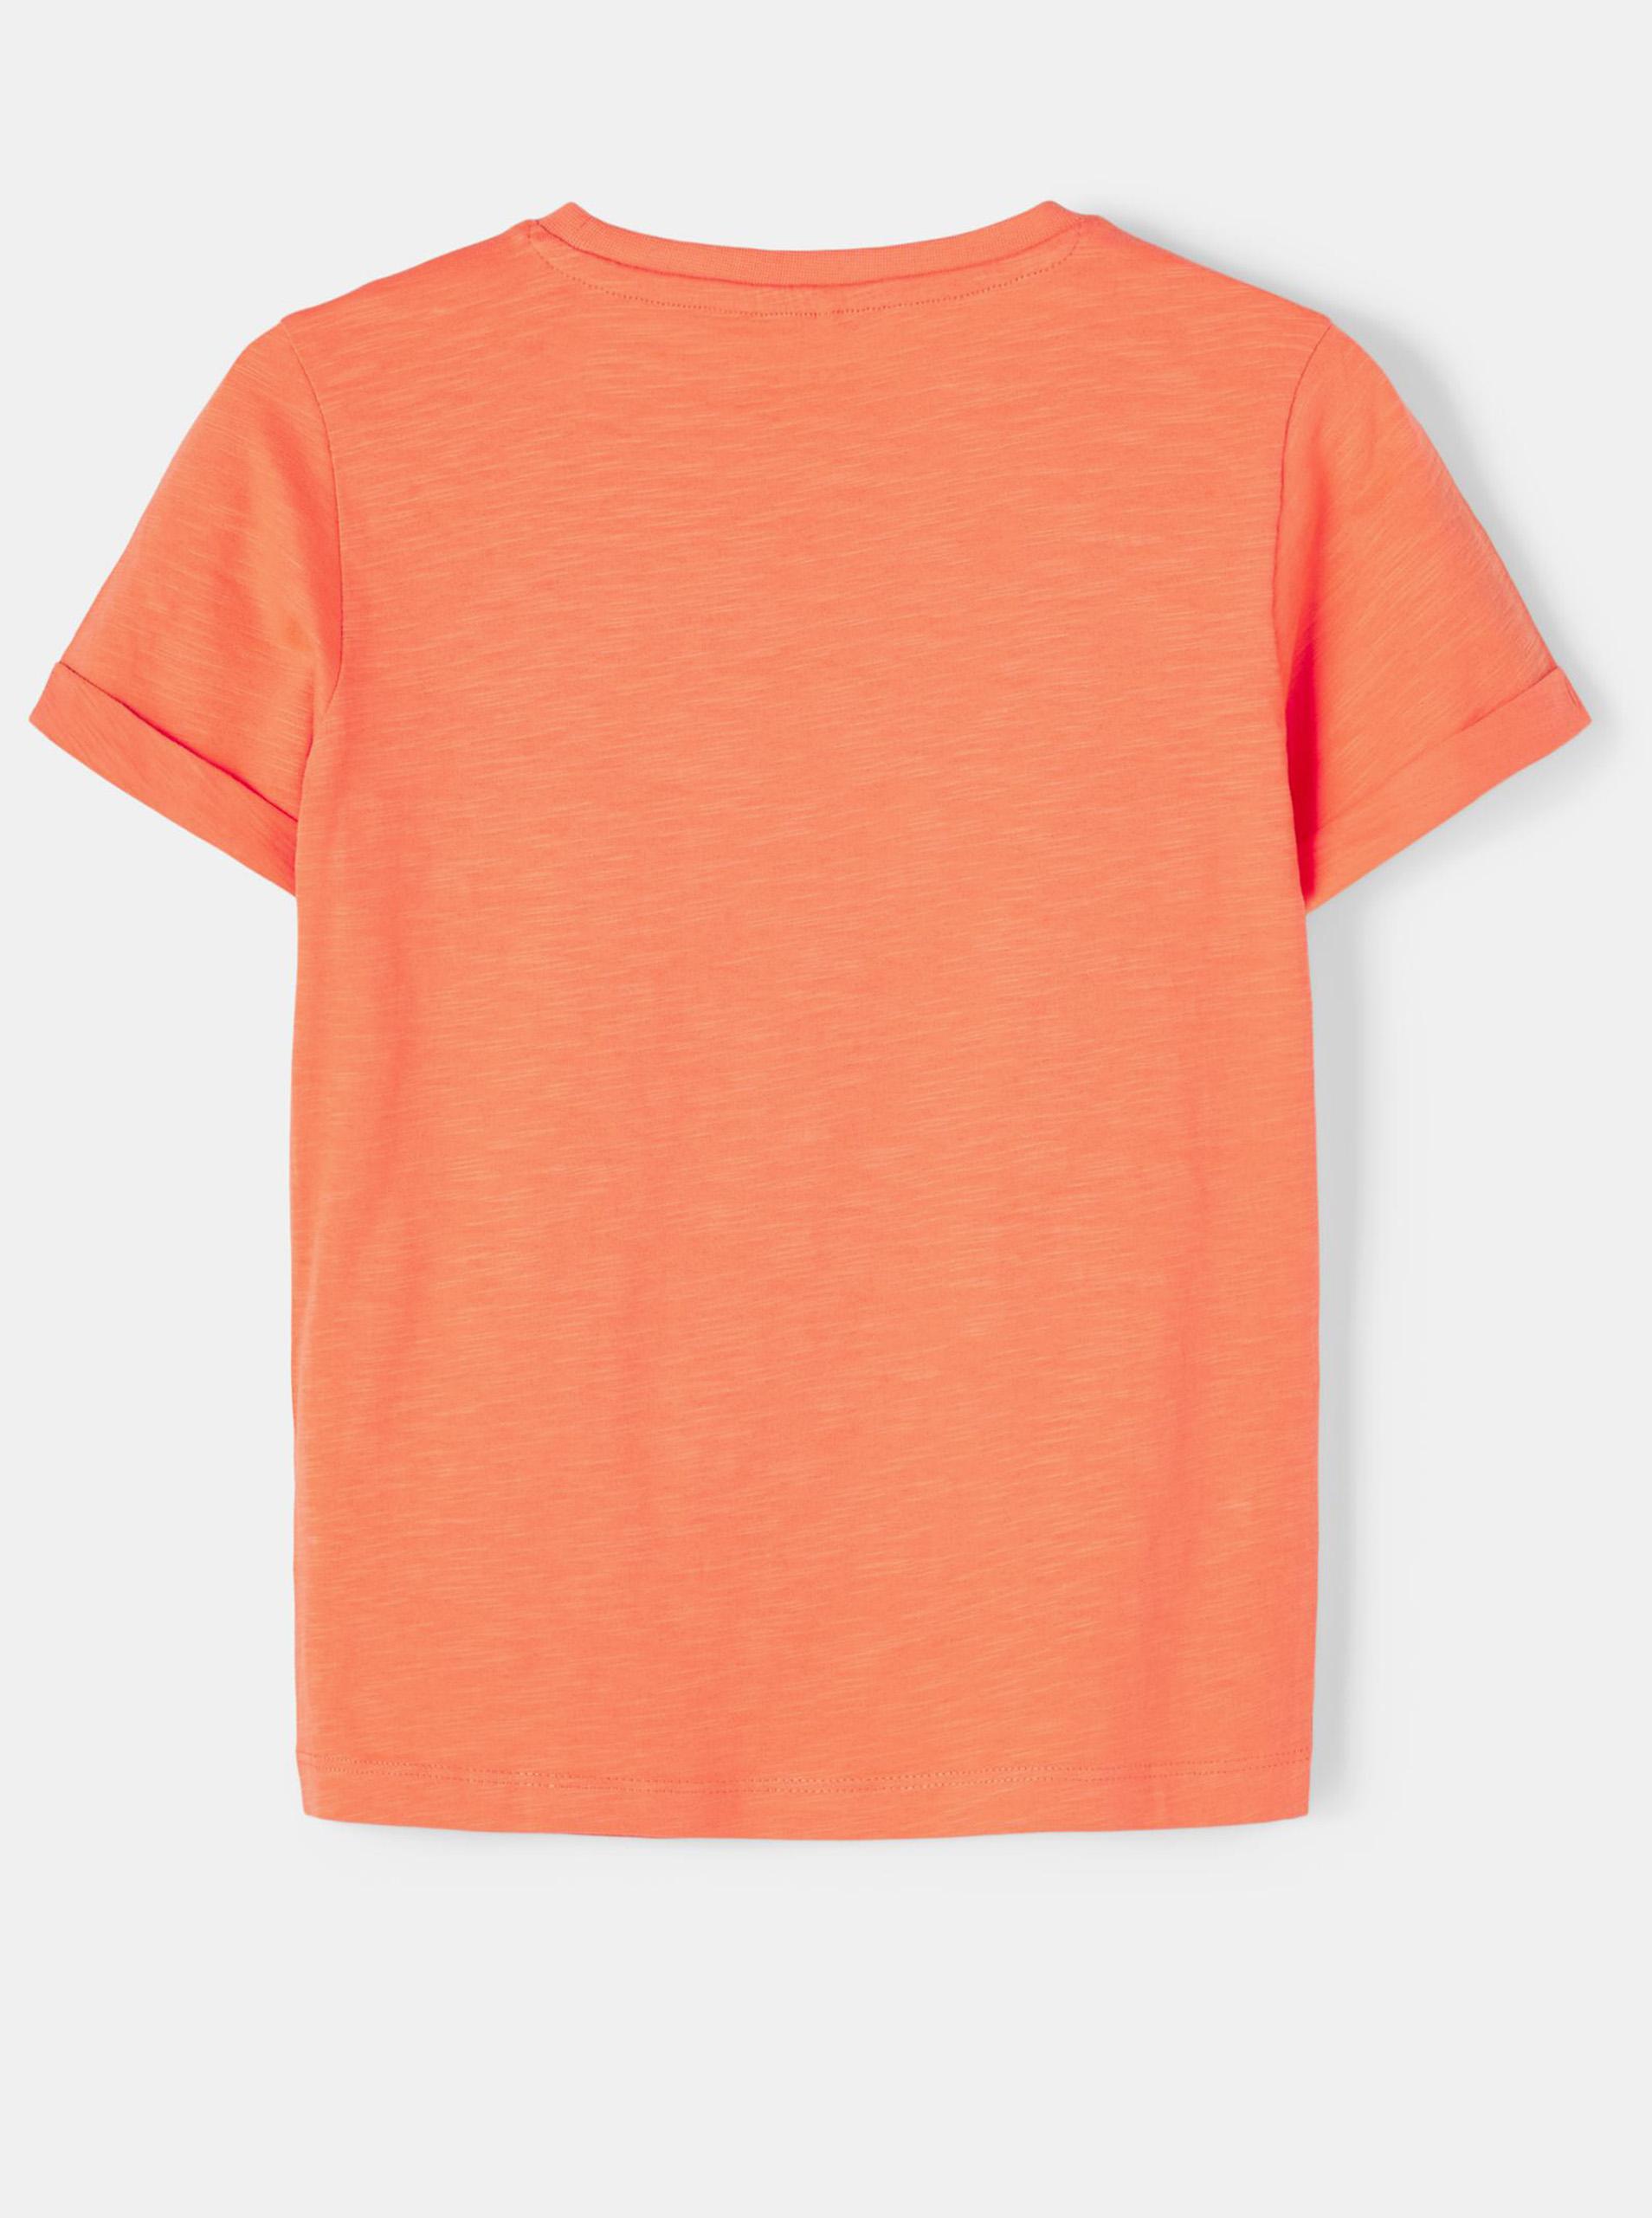 name it Maglietta bambino arancione Vincent